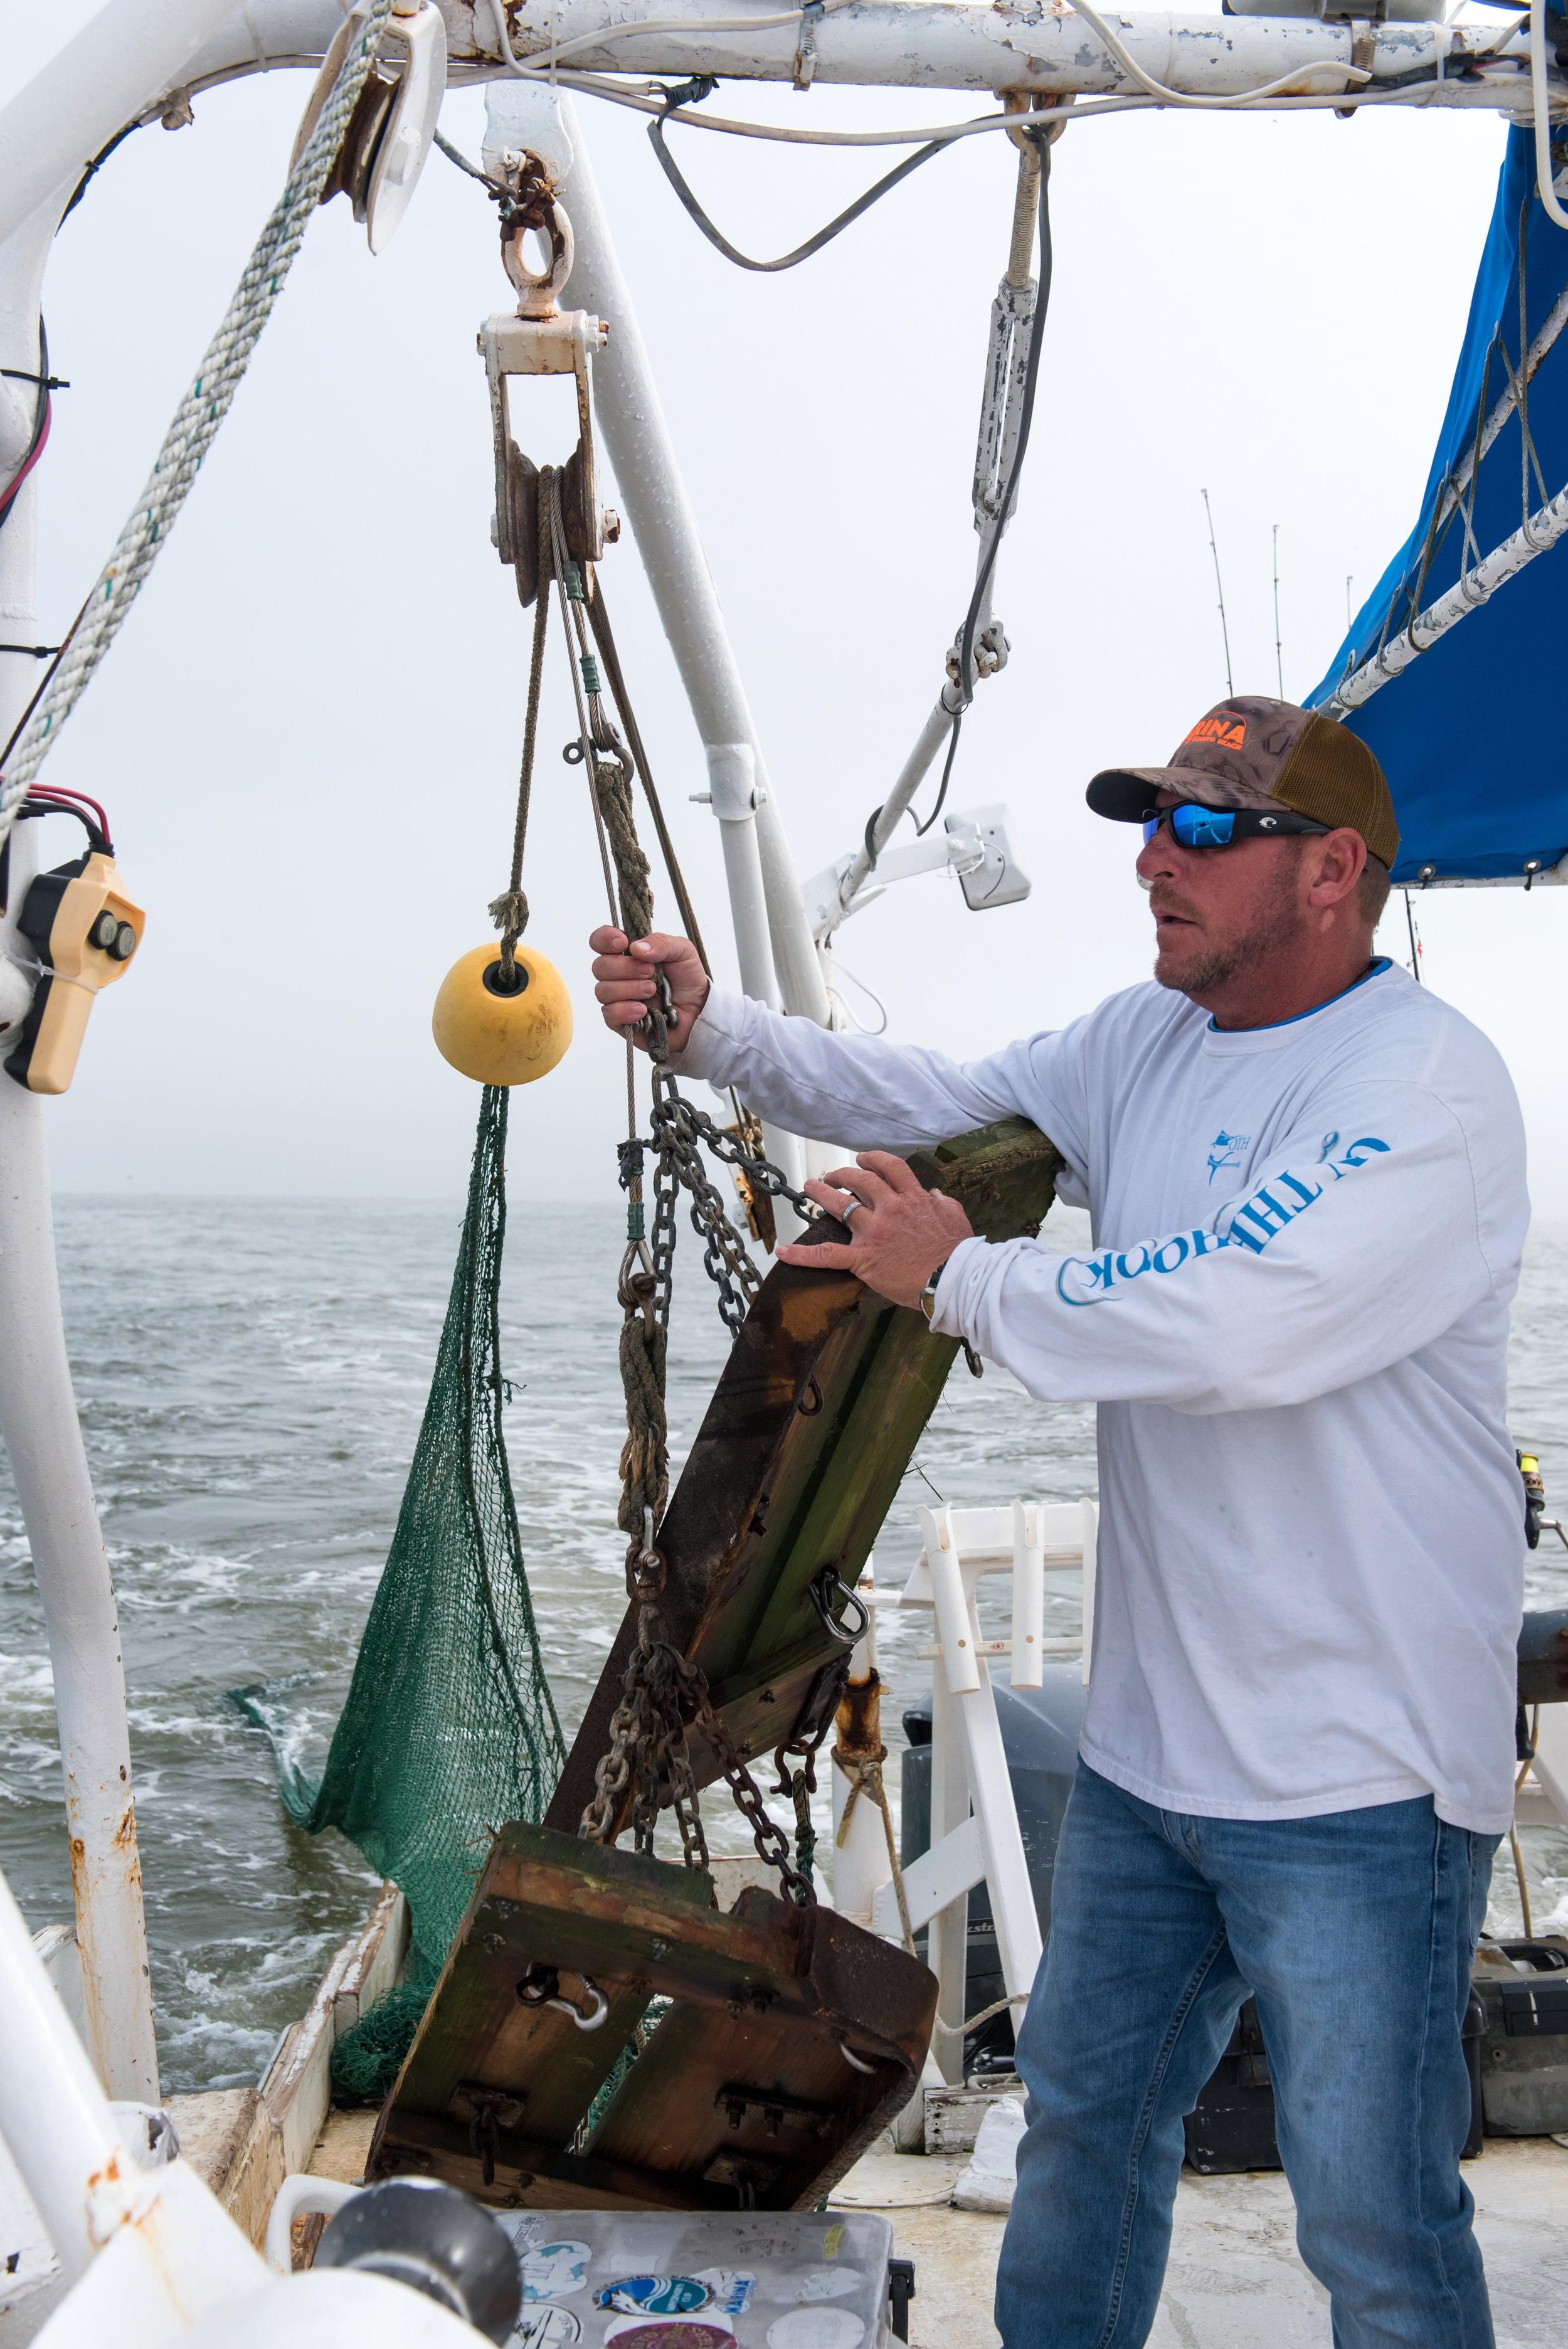 Shrimp_Boat_Charters-7146.jpg